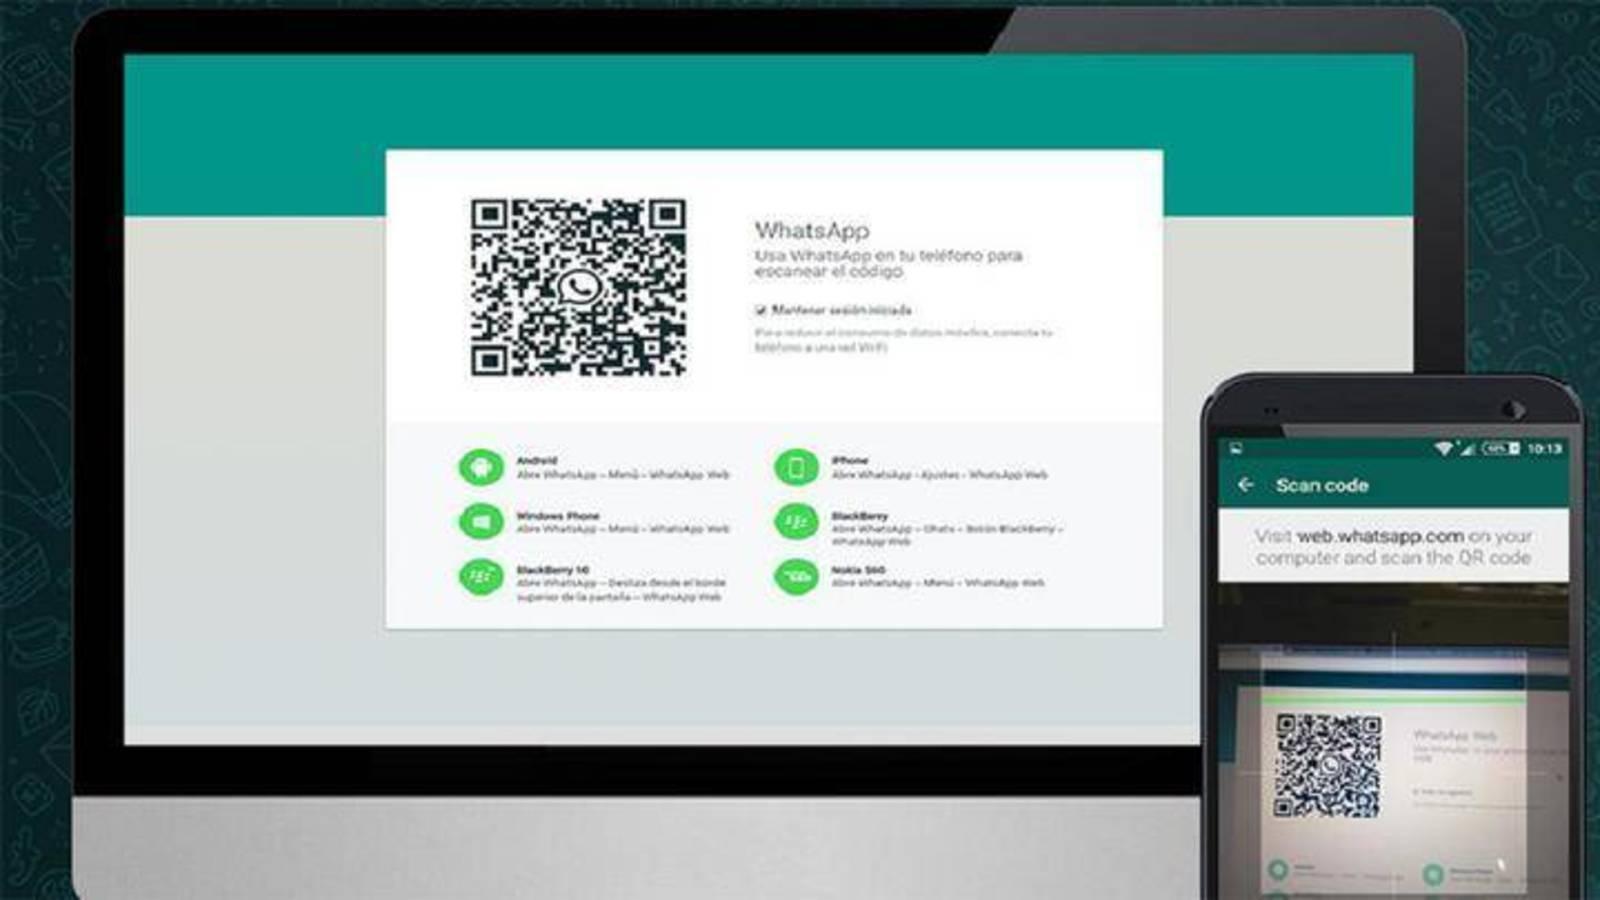 WhatsApp Web: saiba como manter as suas mensagens em segurança